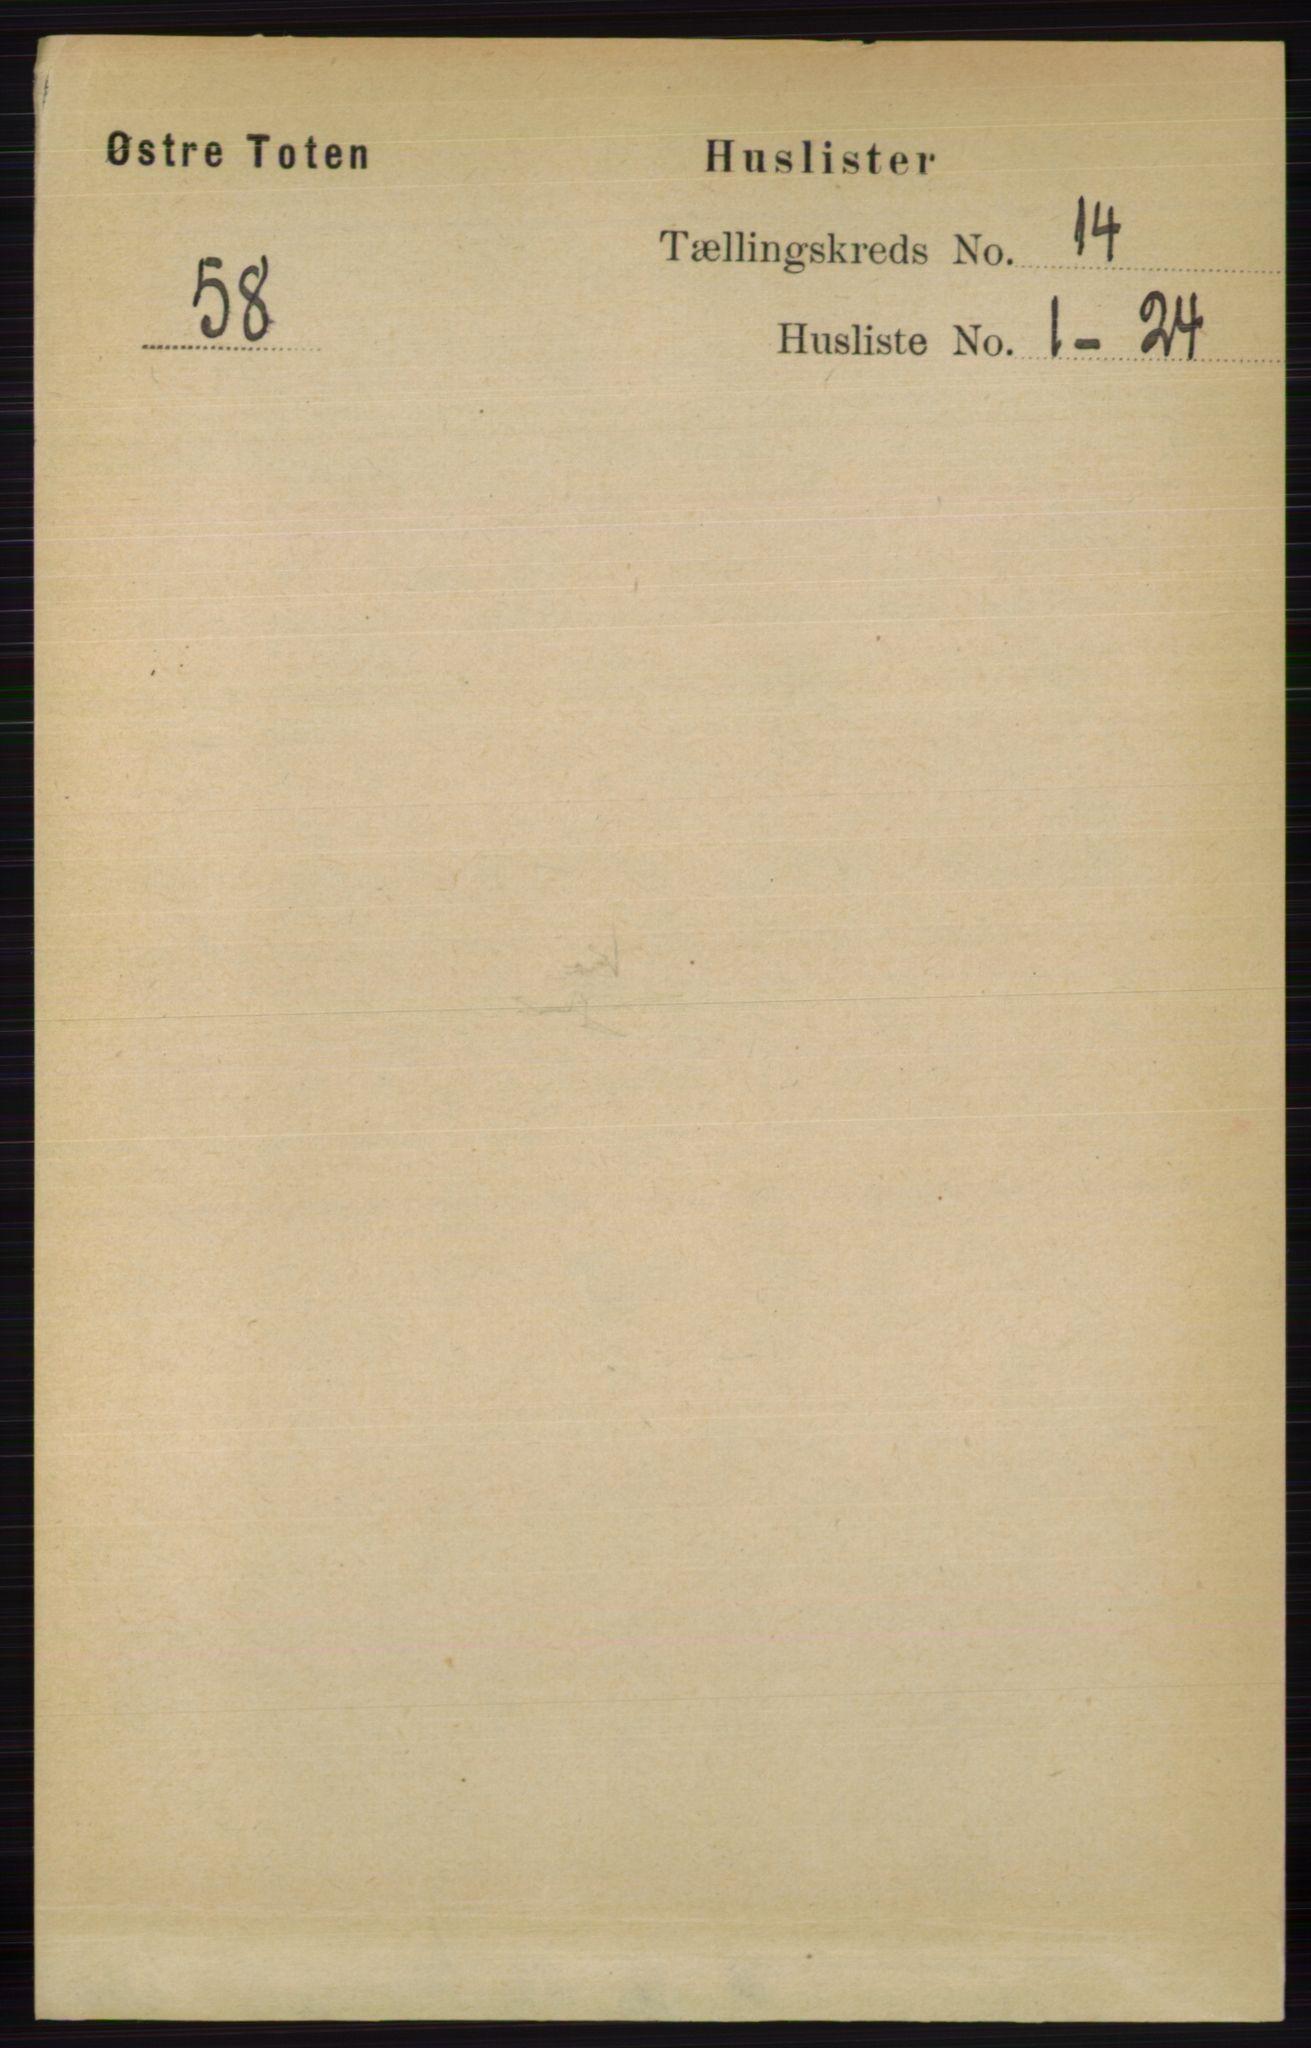 RA, Folketelling 1891 for 0528 Østre Toten herred, 1891, s. 9037